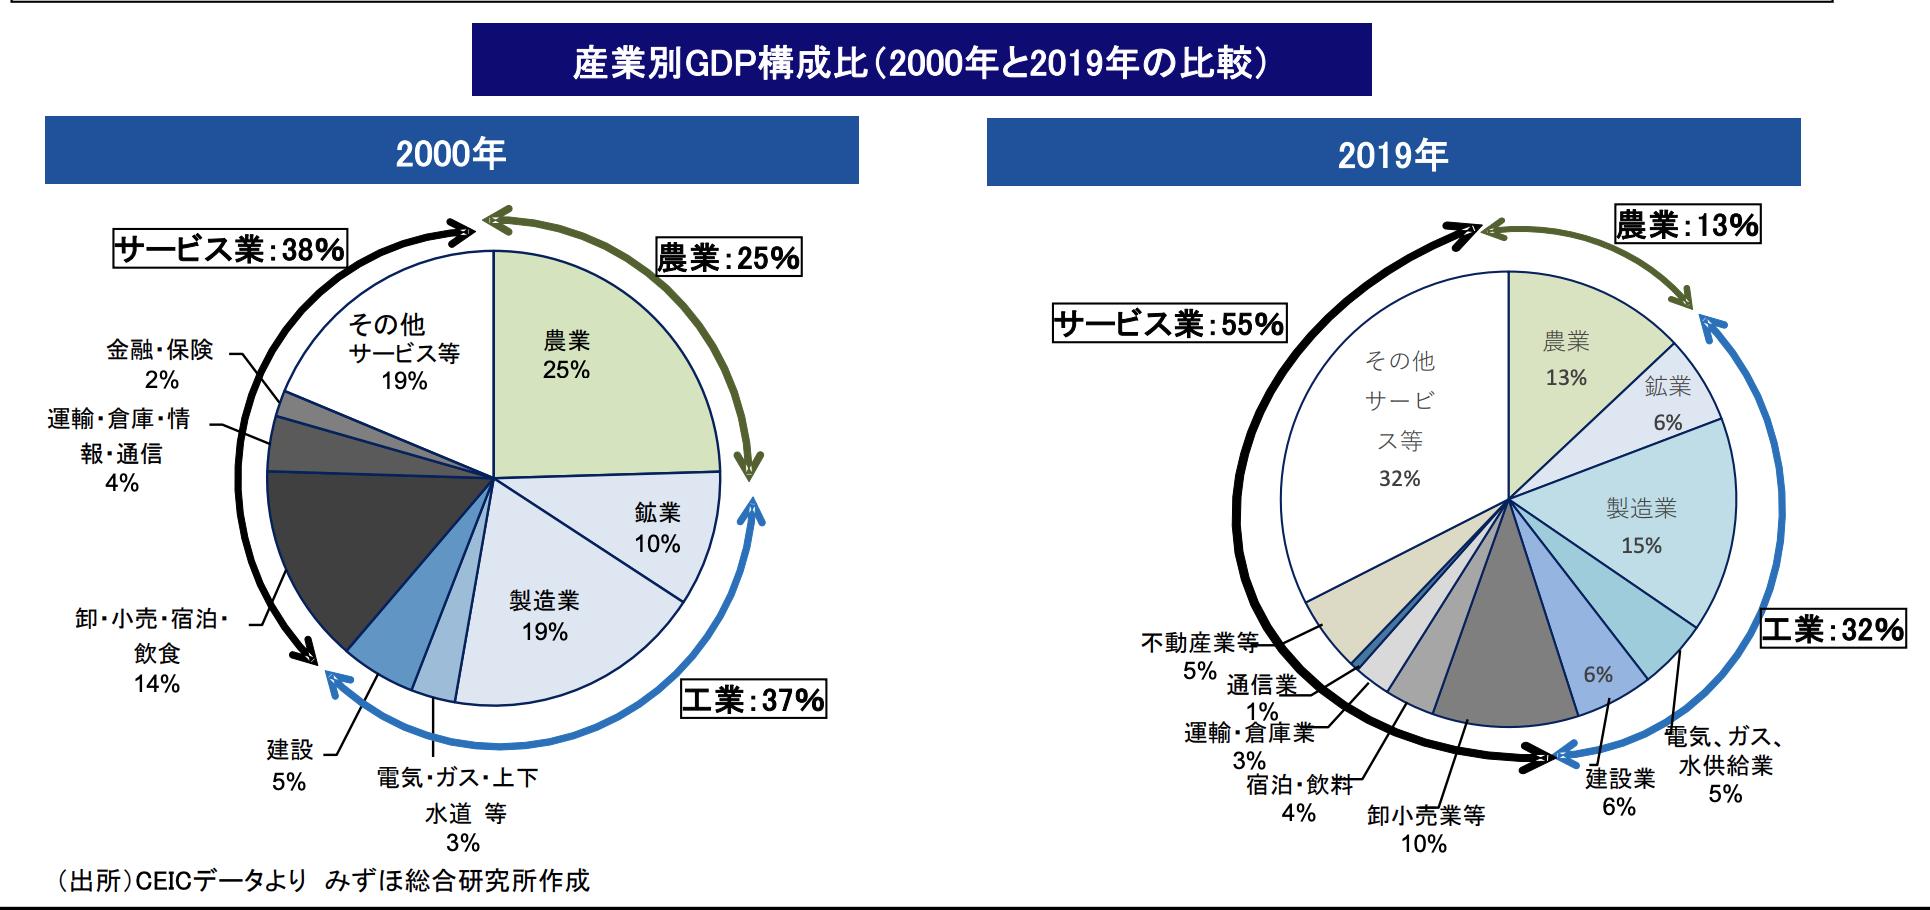 産業別GDP構成比(2000年と2019年の比較)